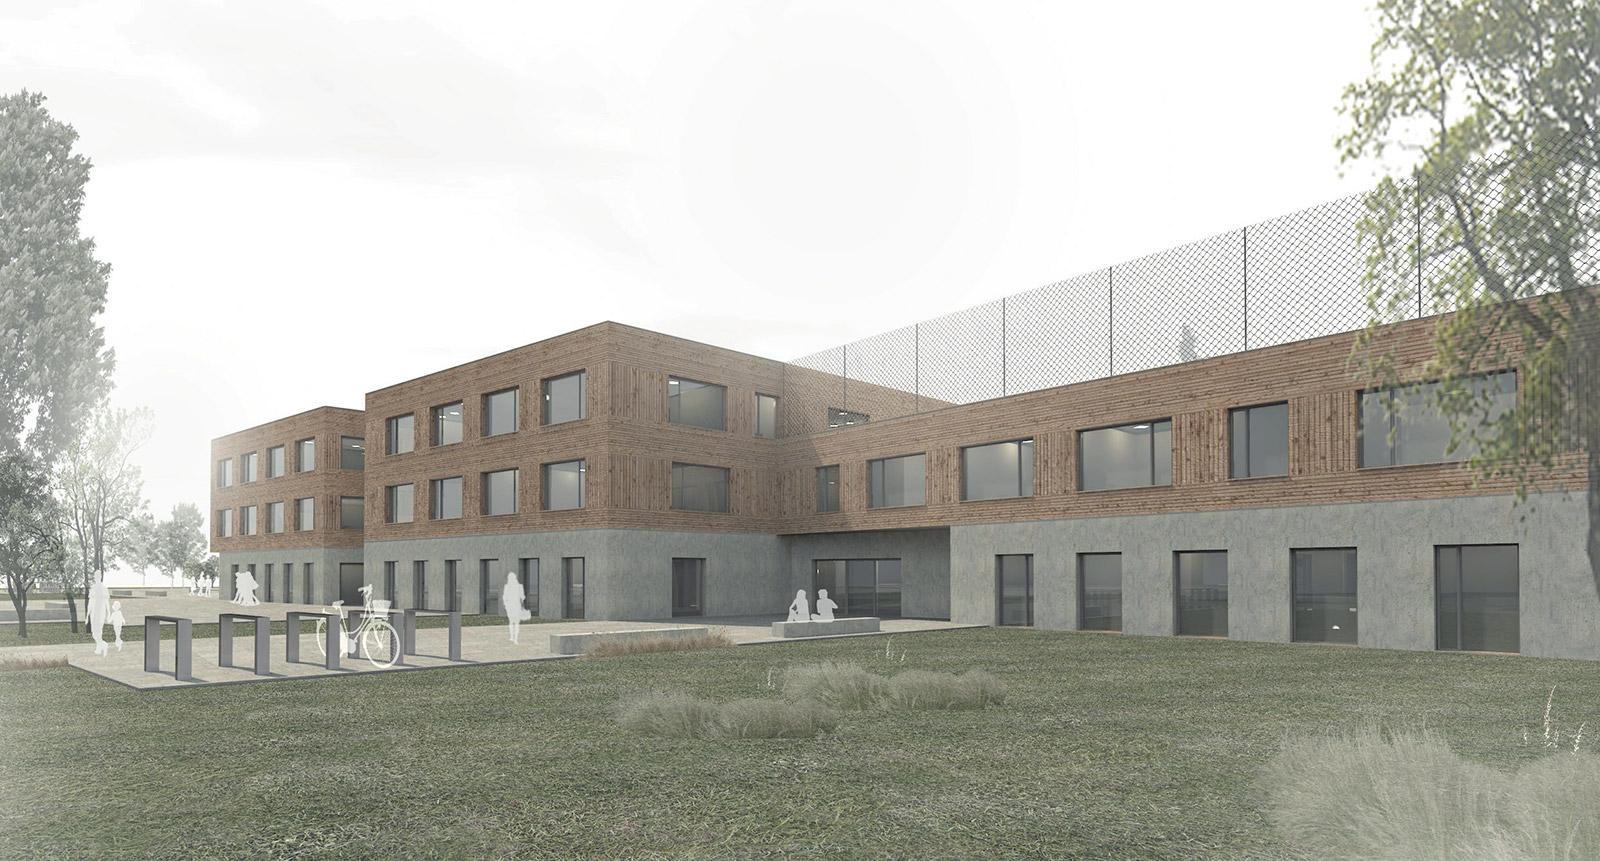 Interspace –Neubau eines Schul- und Beratungszentrums